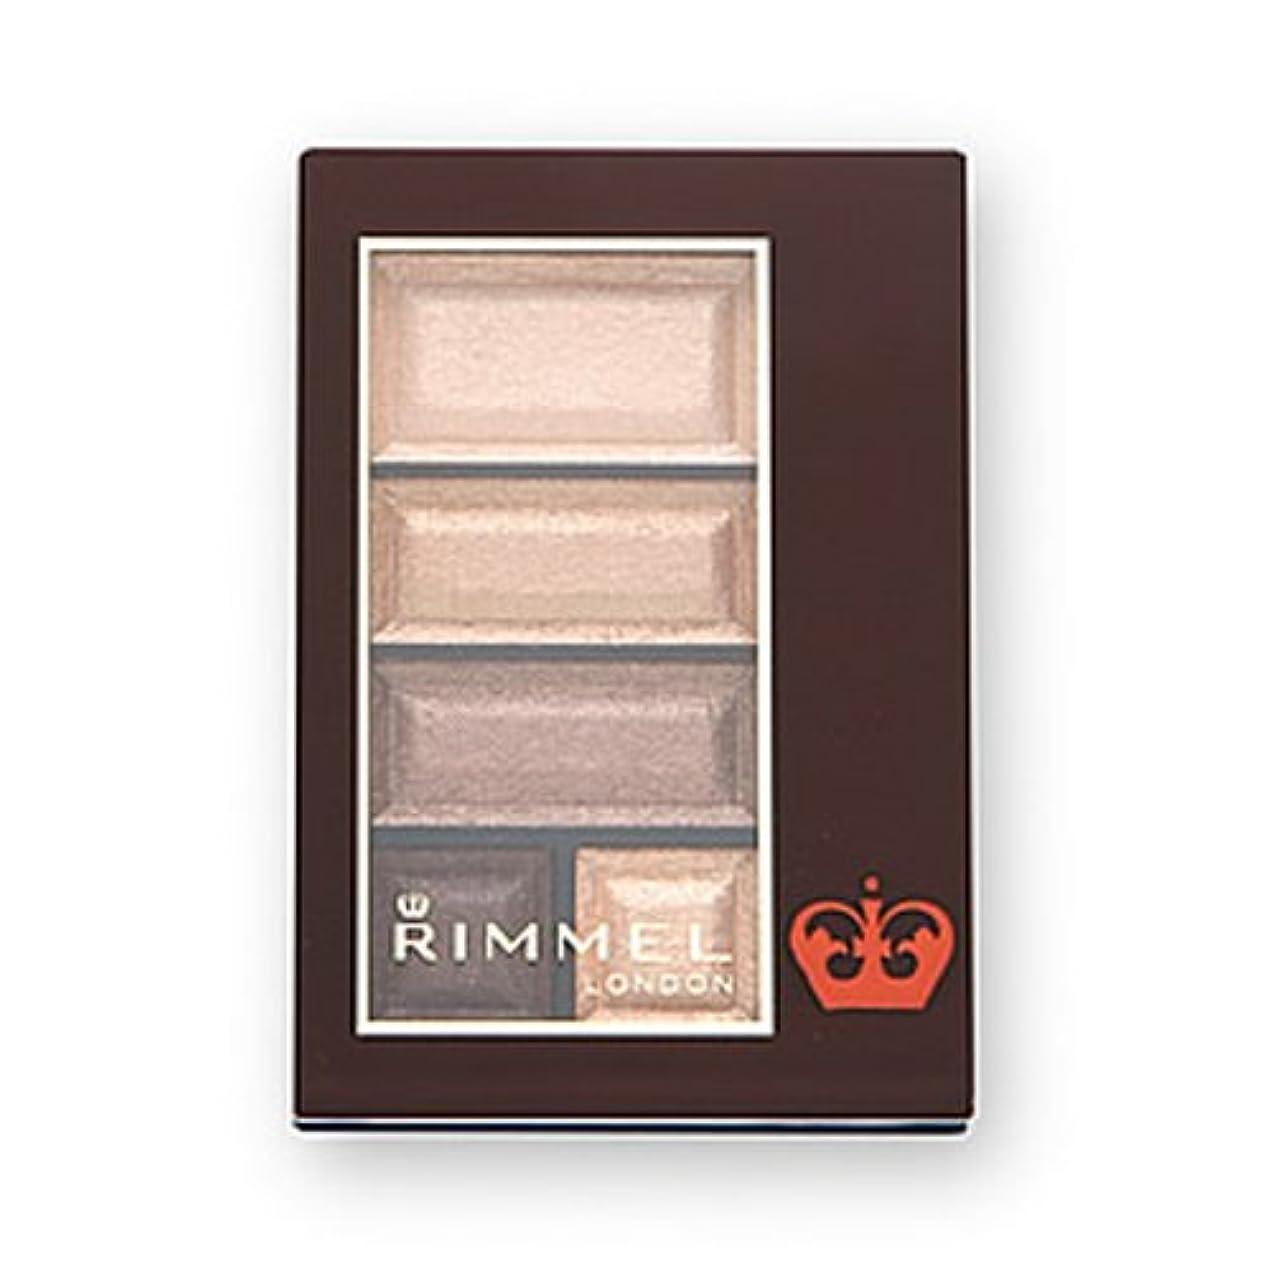 ボリューム切手精通したリンメル ショコラスウィートアイズ 002 アーモンドミルクショコラ 4.6g